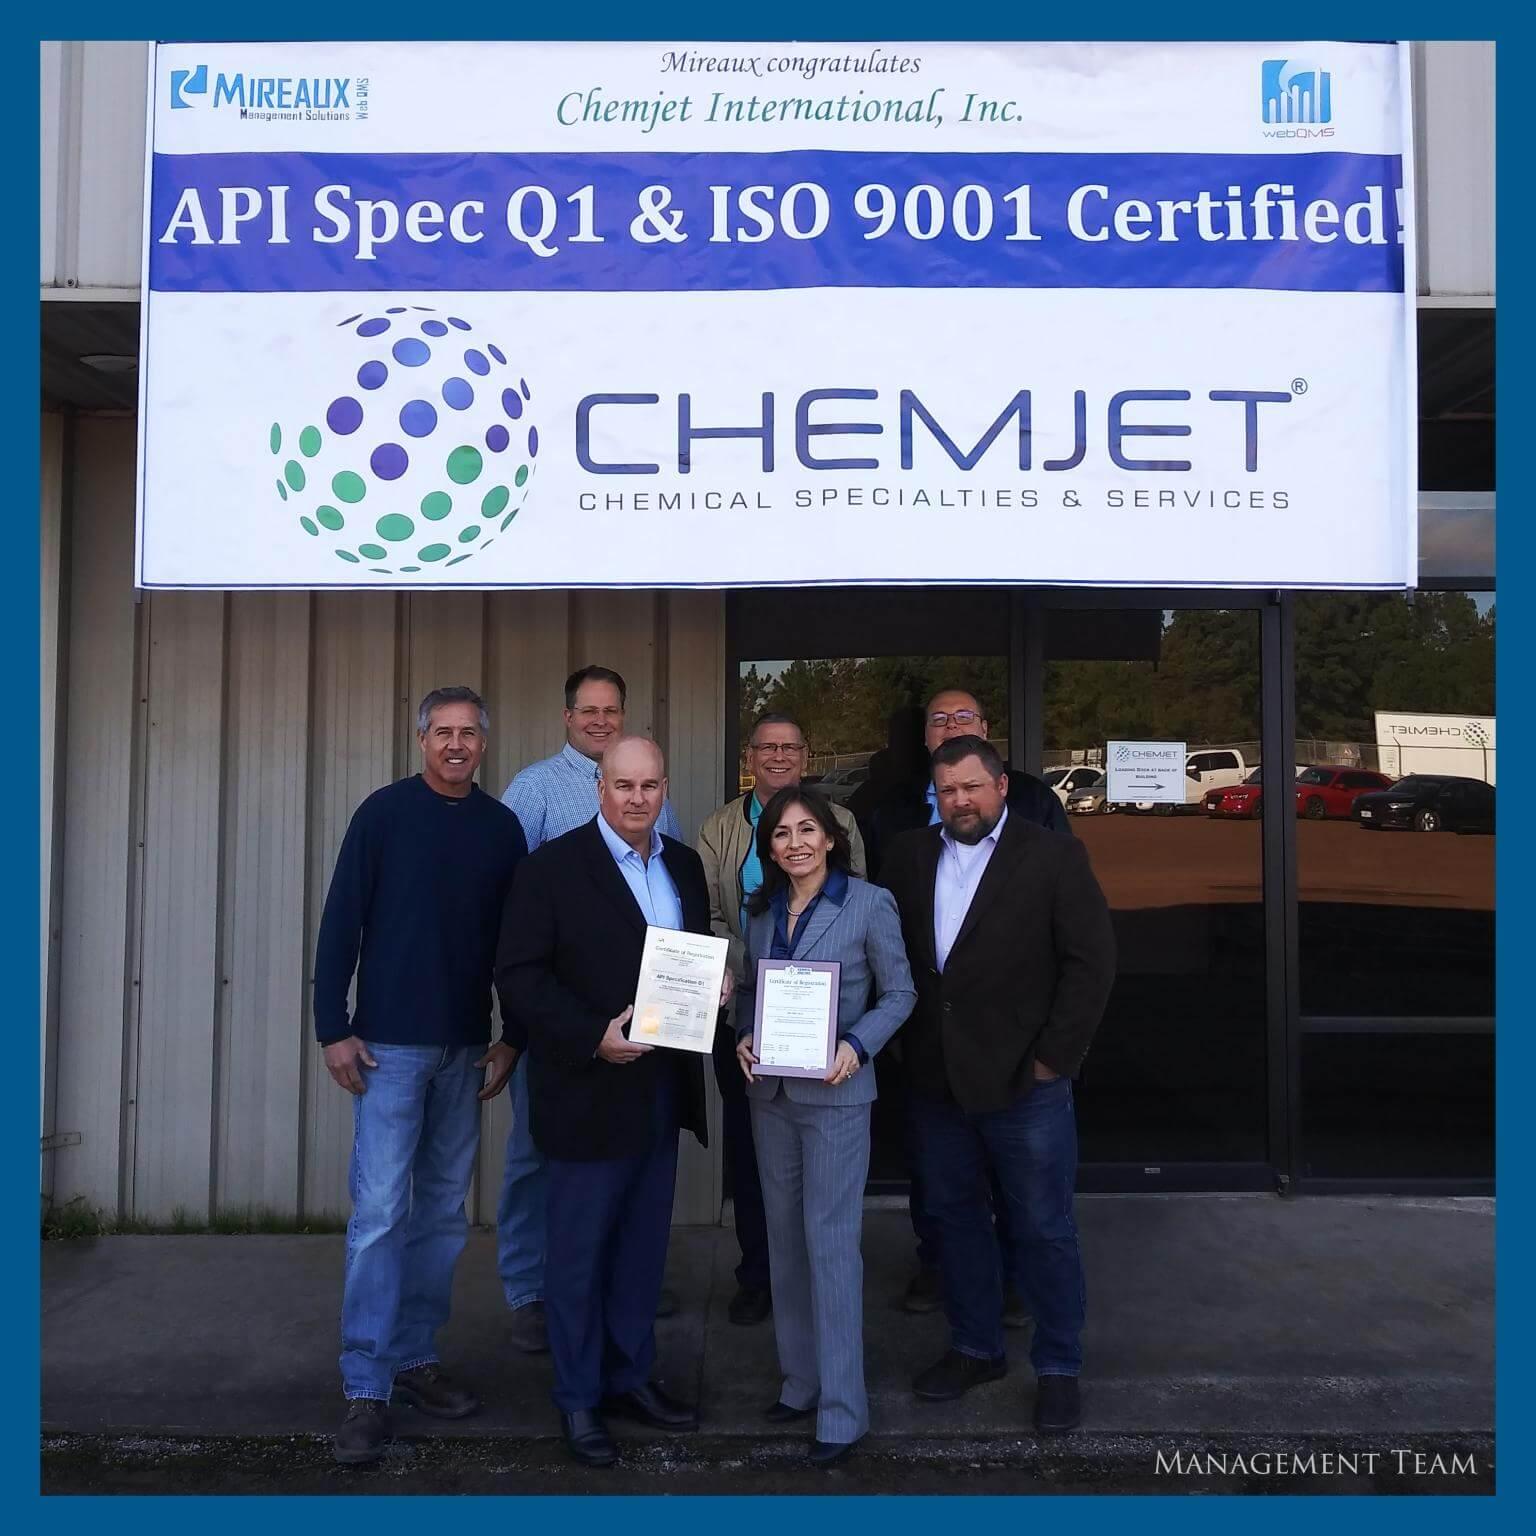 Chemjet Management with Mireaux